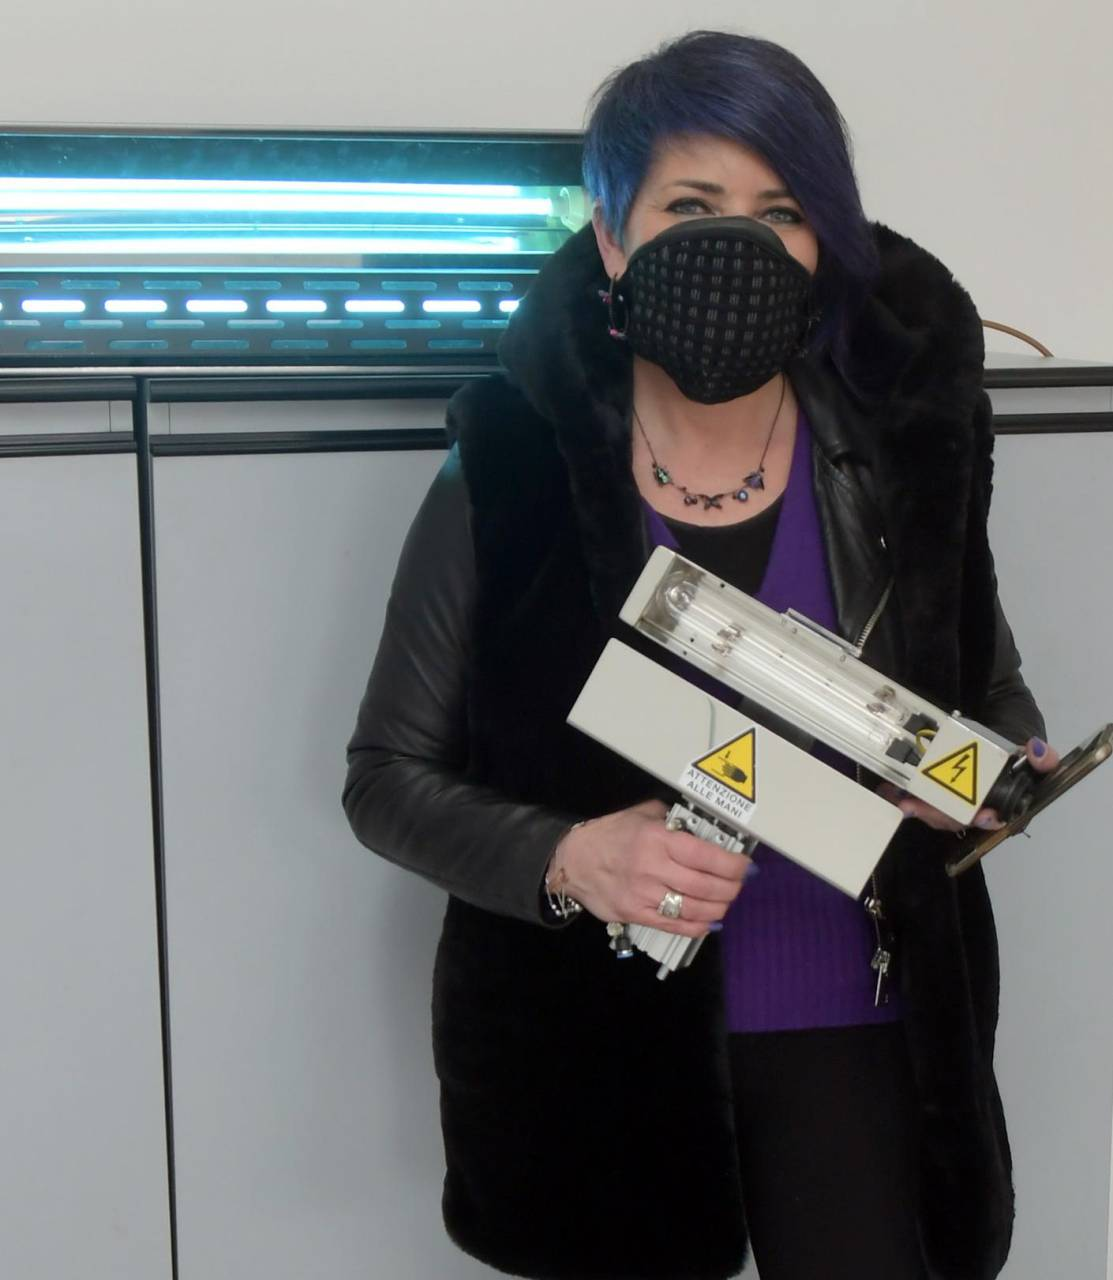 Marcella Dal Miglio nella sua azienda che produce sanificatori a ultravioletti